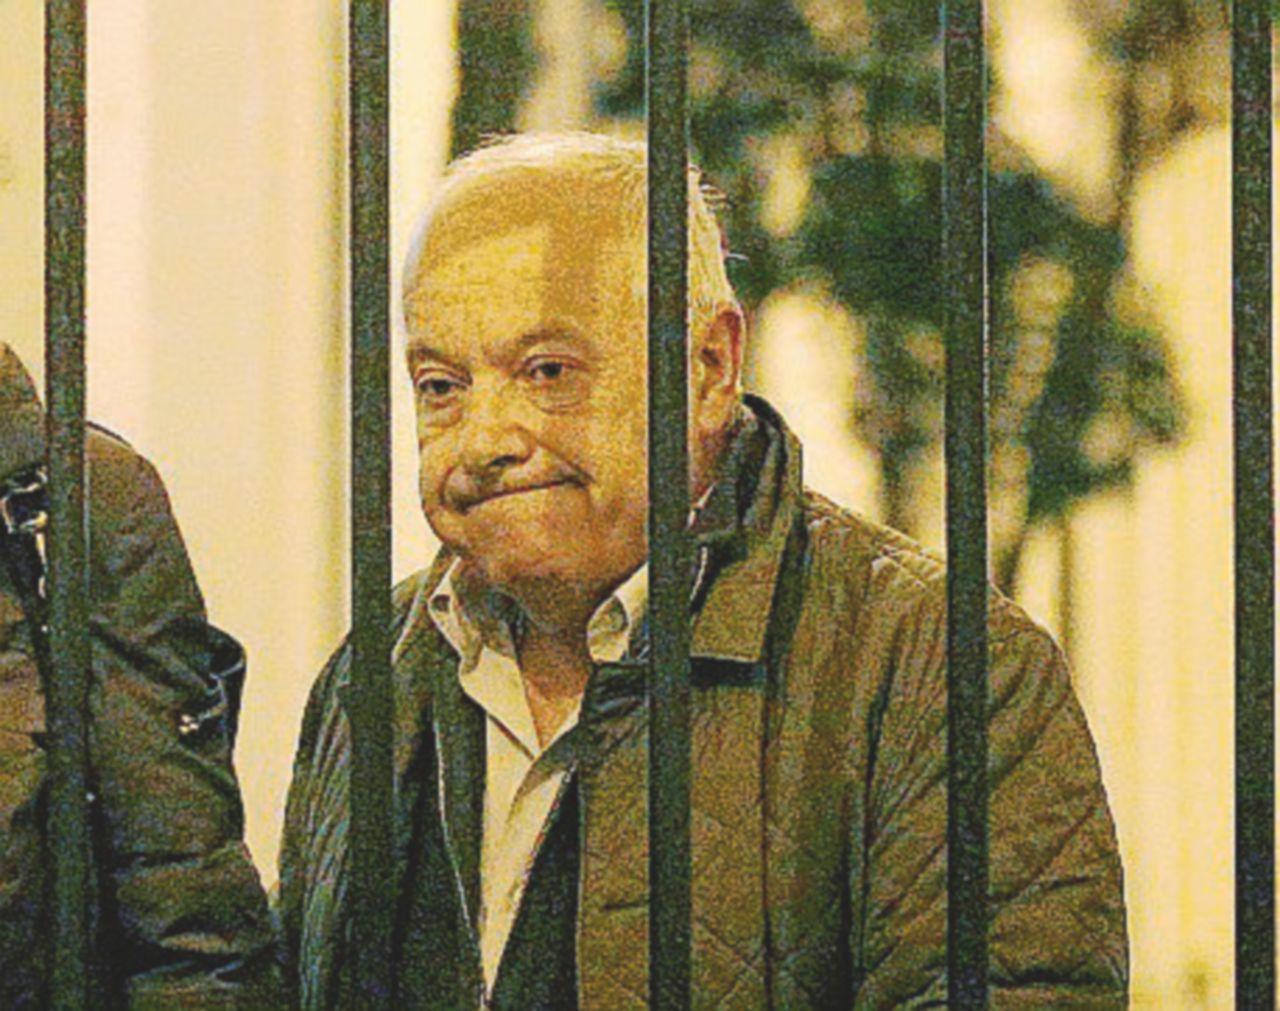 Mafia Capitale, per il Riesame l'ex manager di Ama Panzironi deve rimanere in carcere